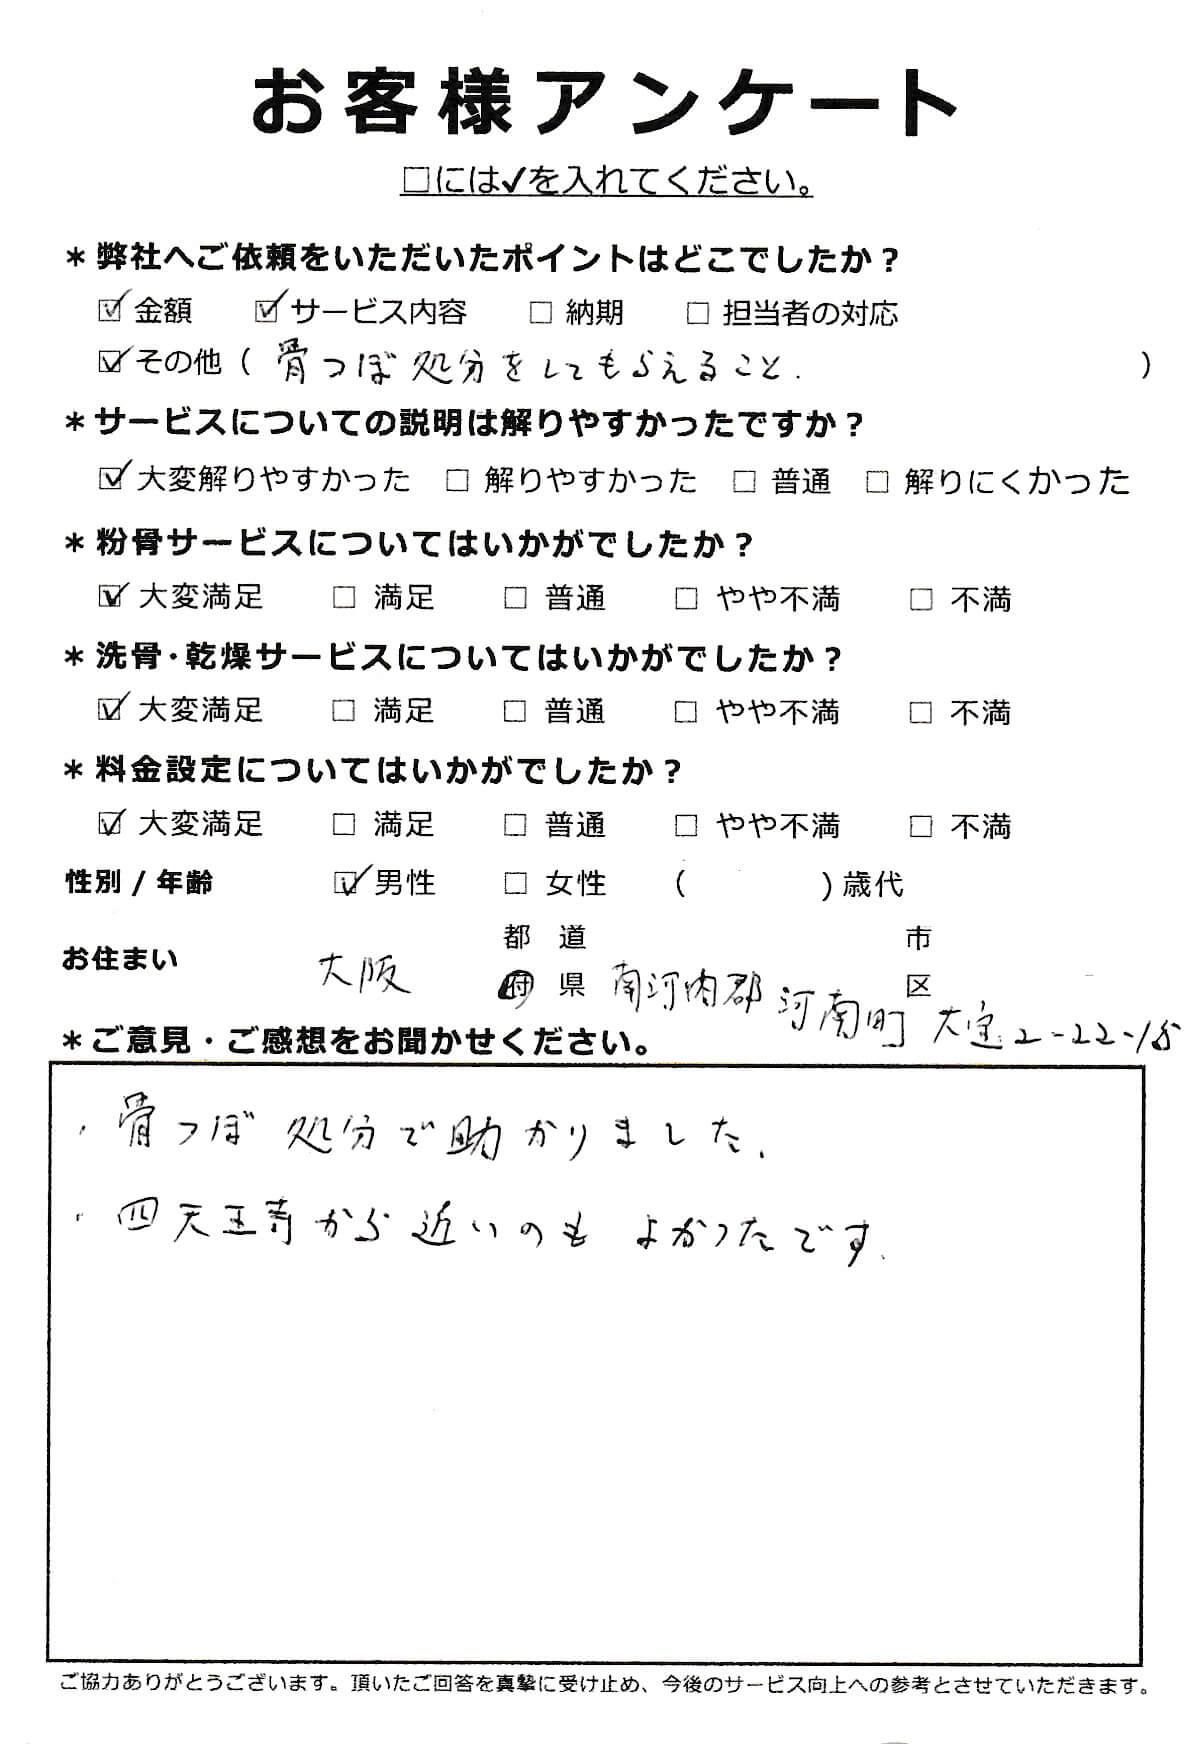 大阪府南河内郡での粉骨・洗骨サービス